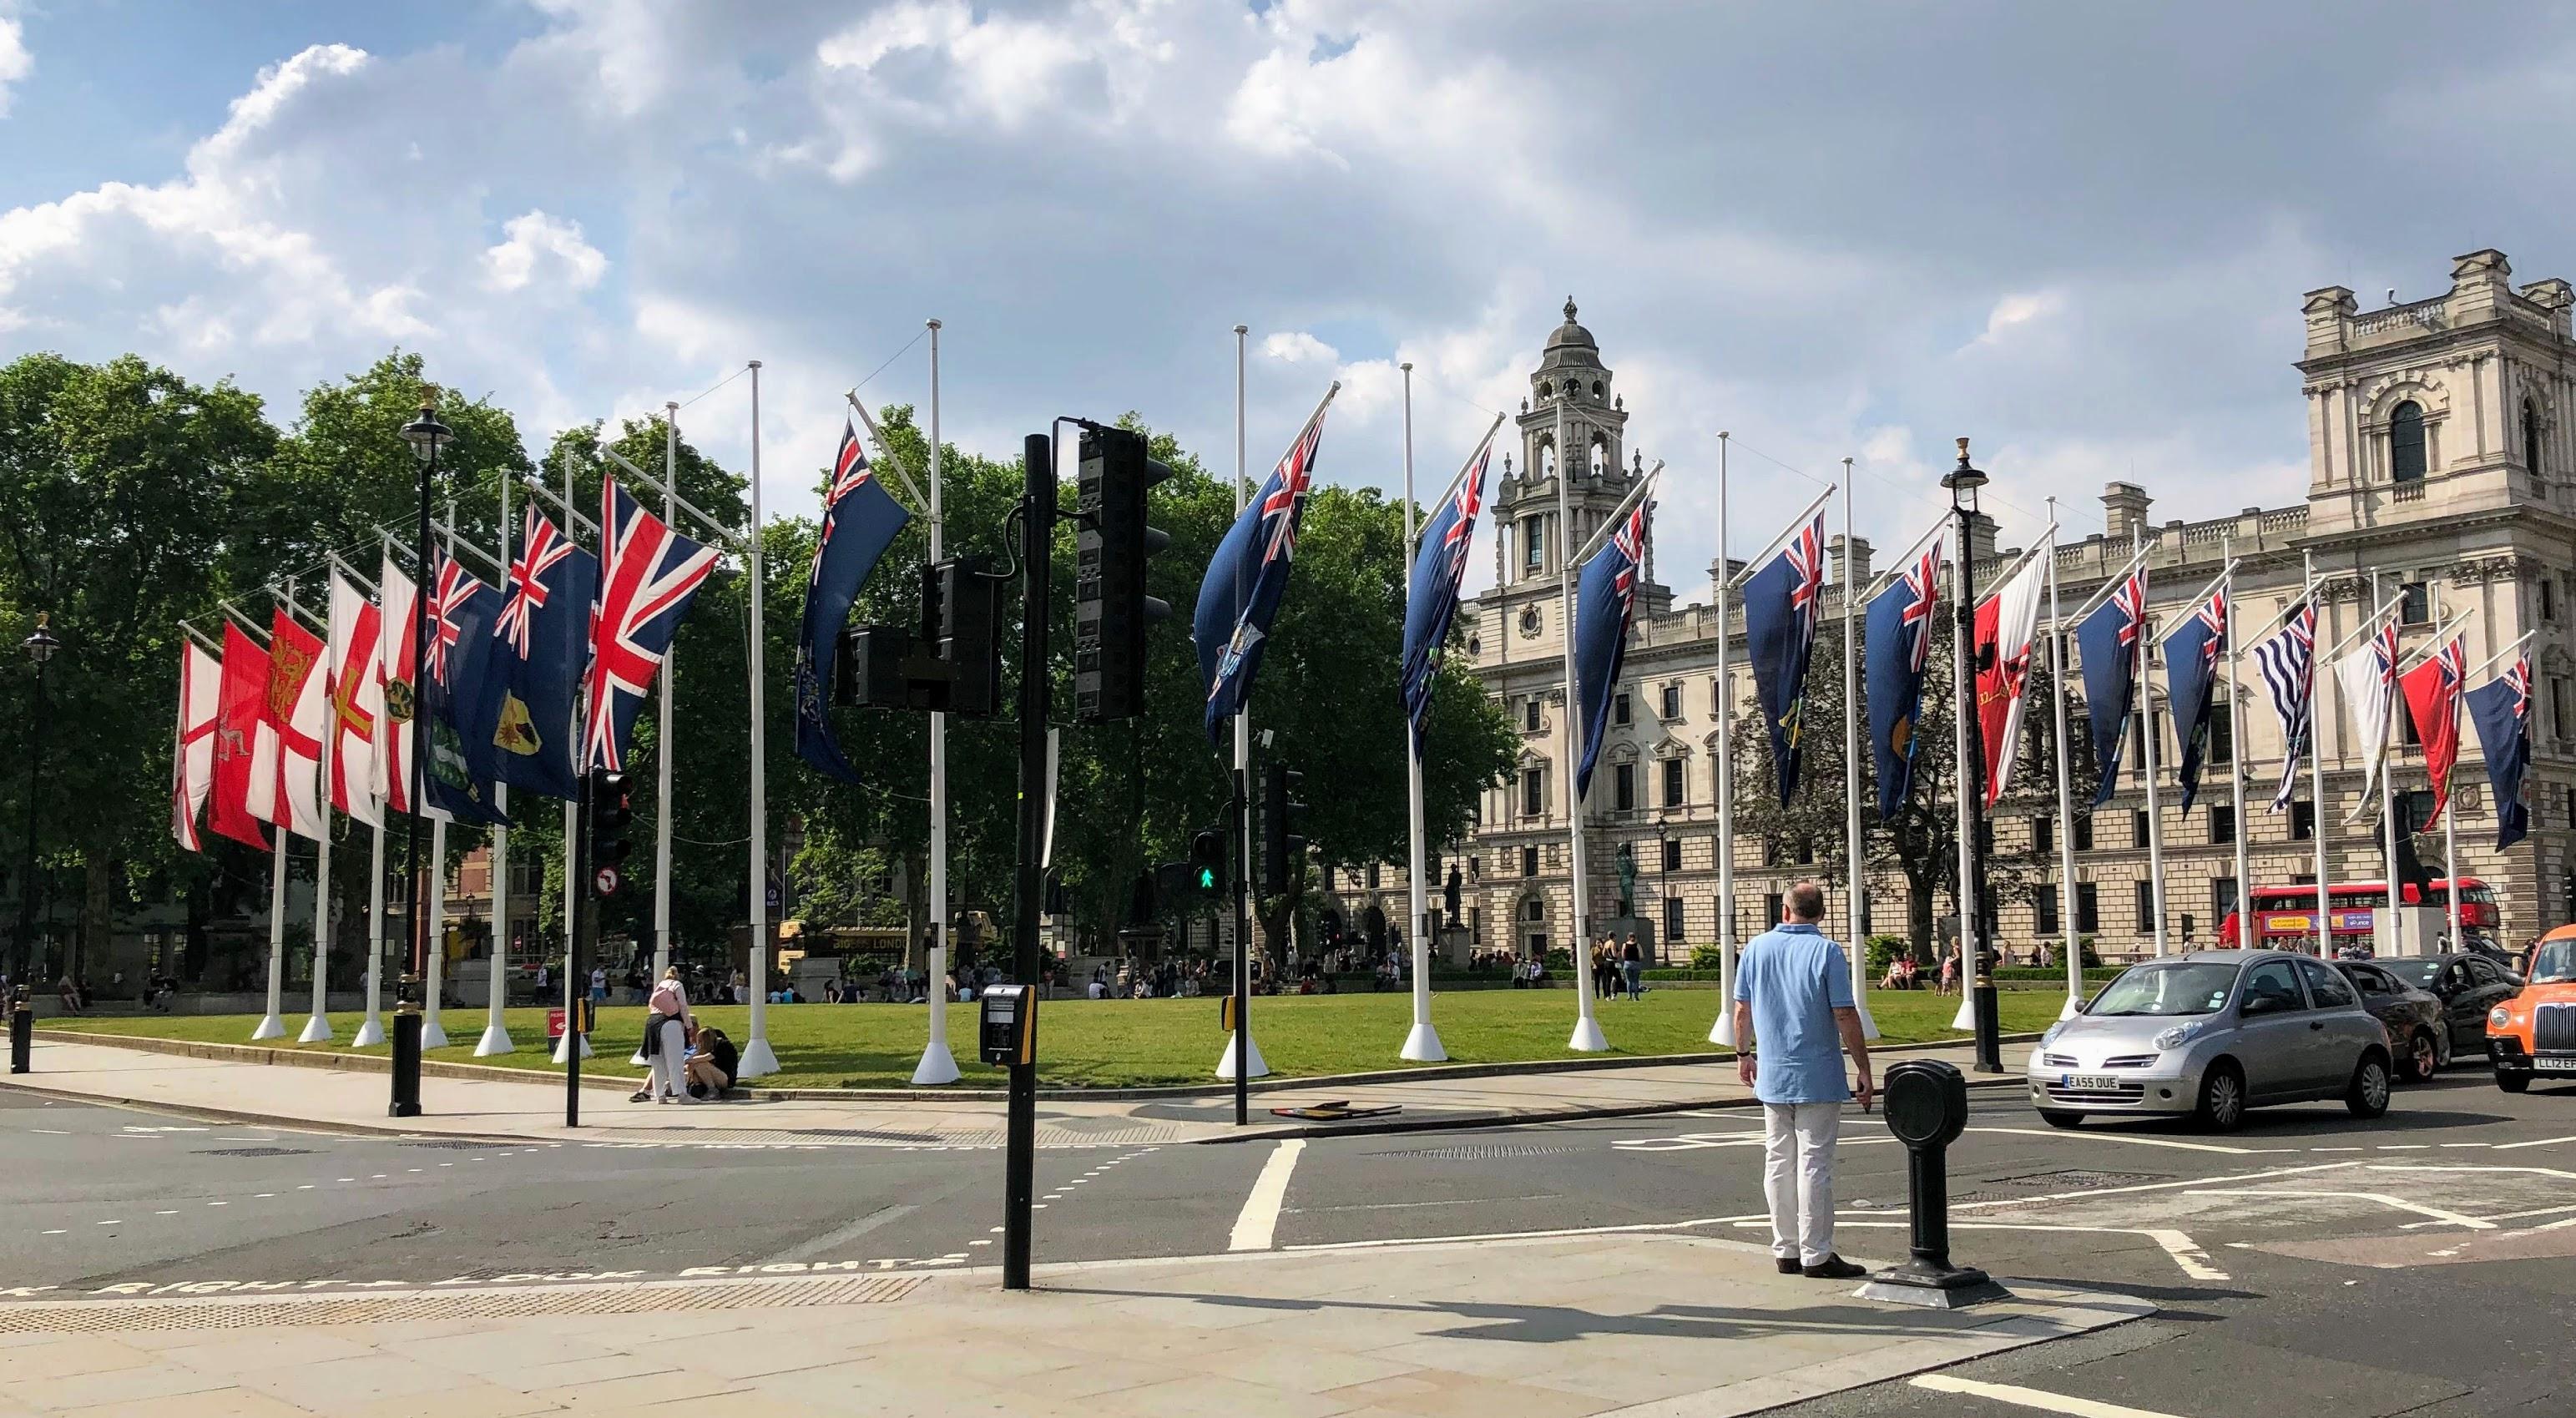 パーラメント・スクエア Parliament Square